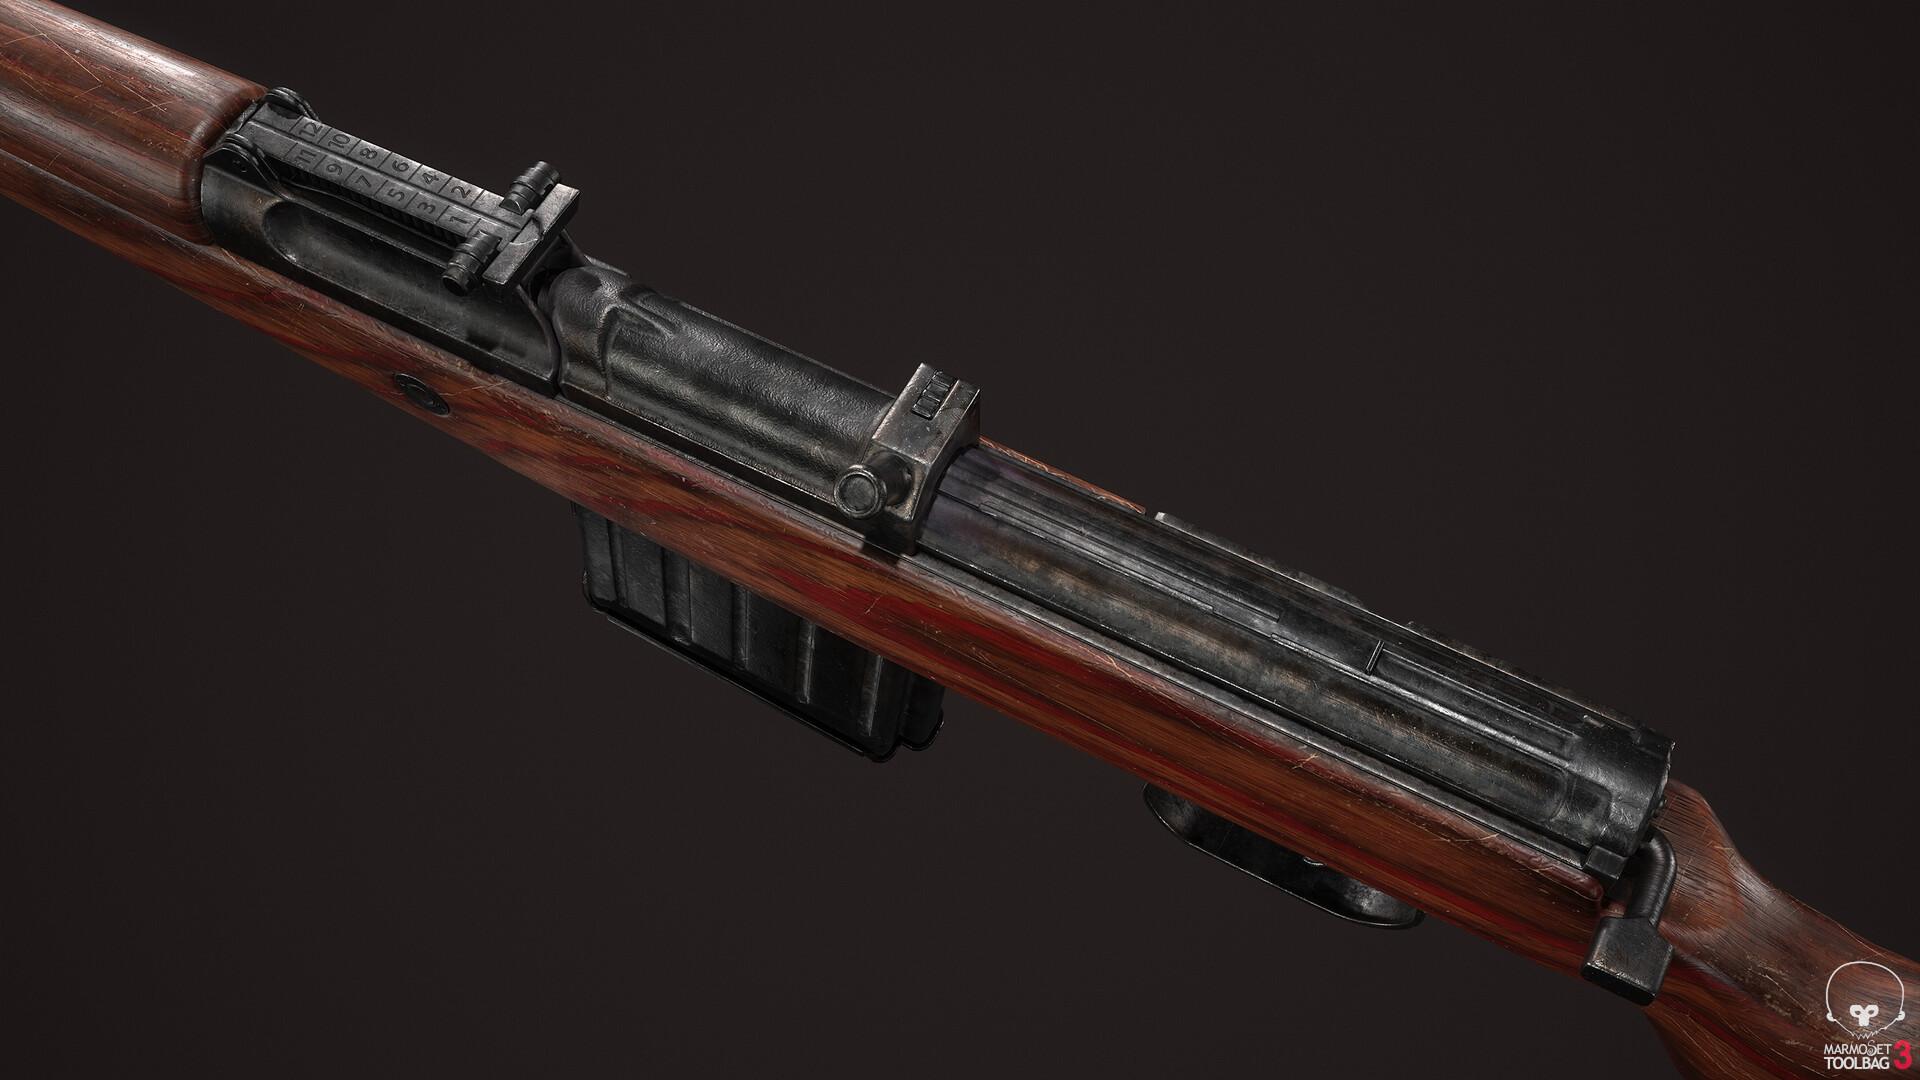 David letondor david letondor gewehr43 07